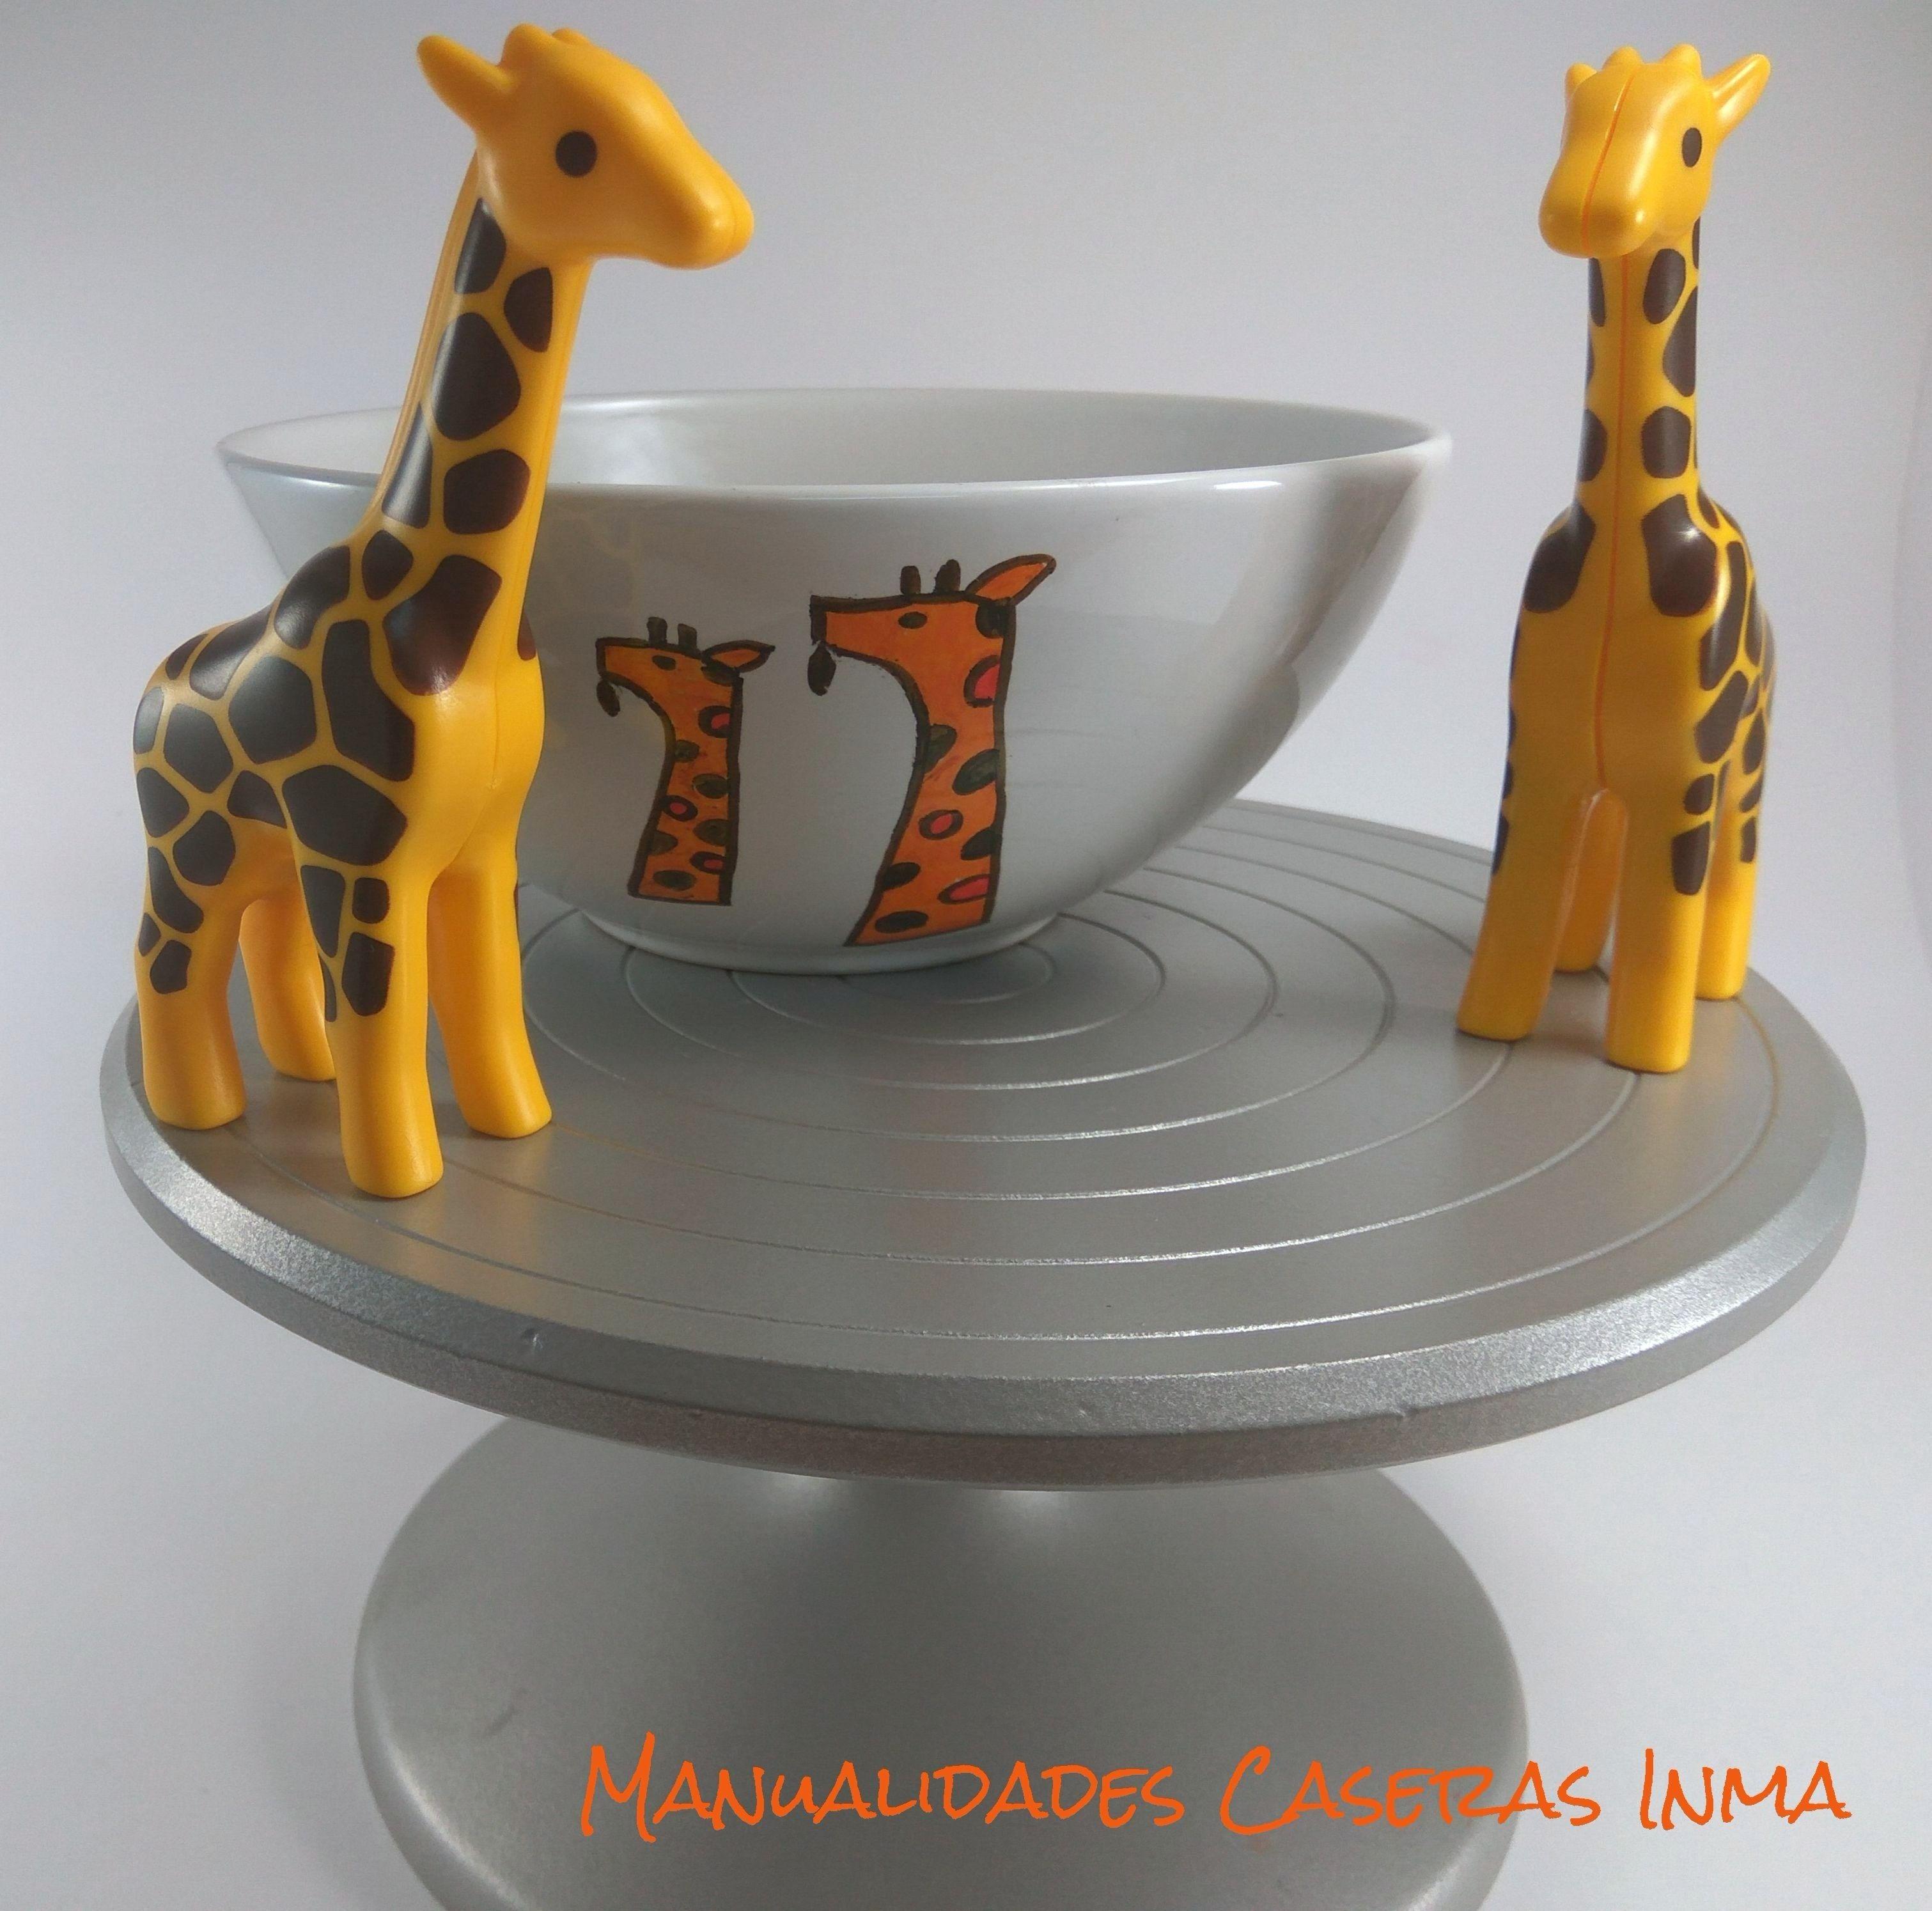 Manualidades Caseras Inma_ Tazón de jirafas